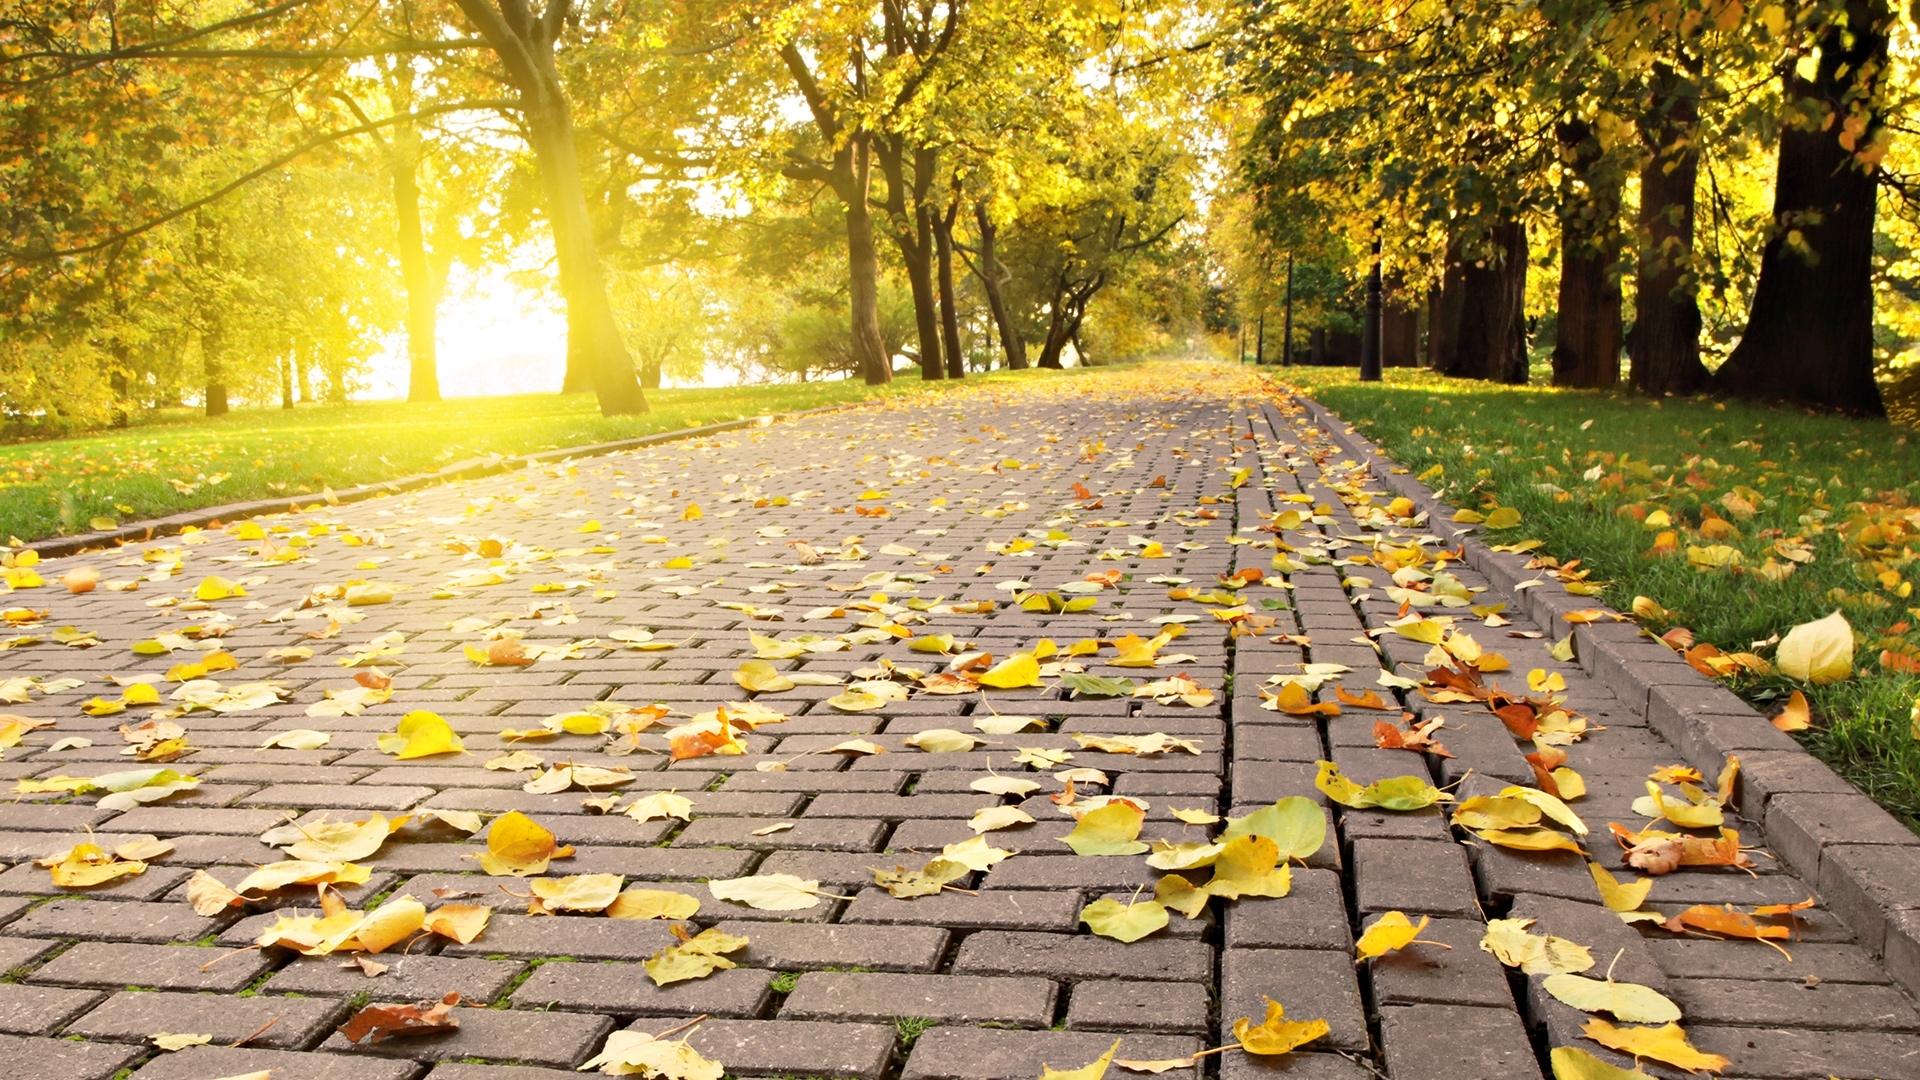 免費壁紙28816:景观, 道路, 秋, 叶 下載手機圖片